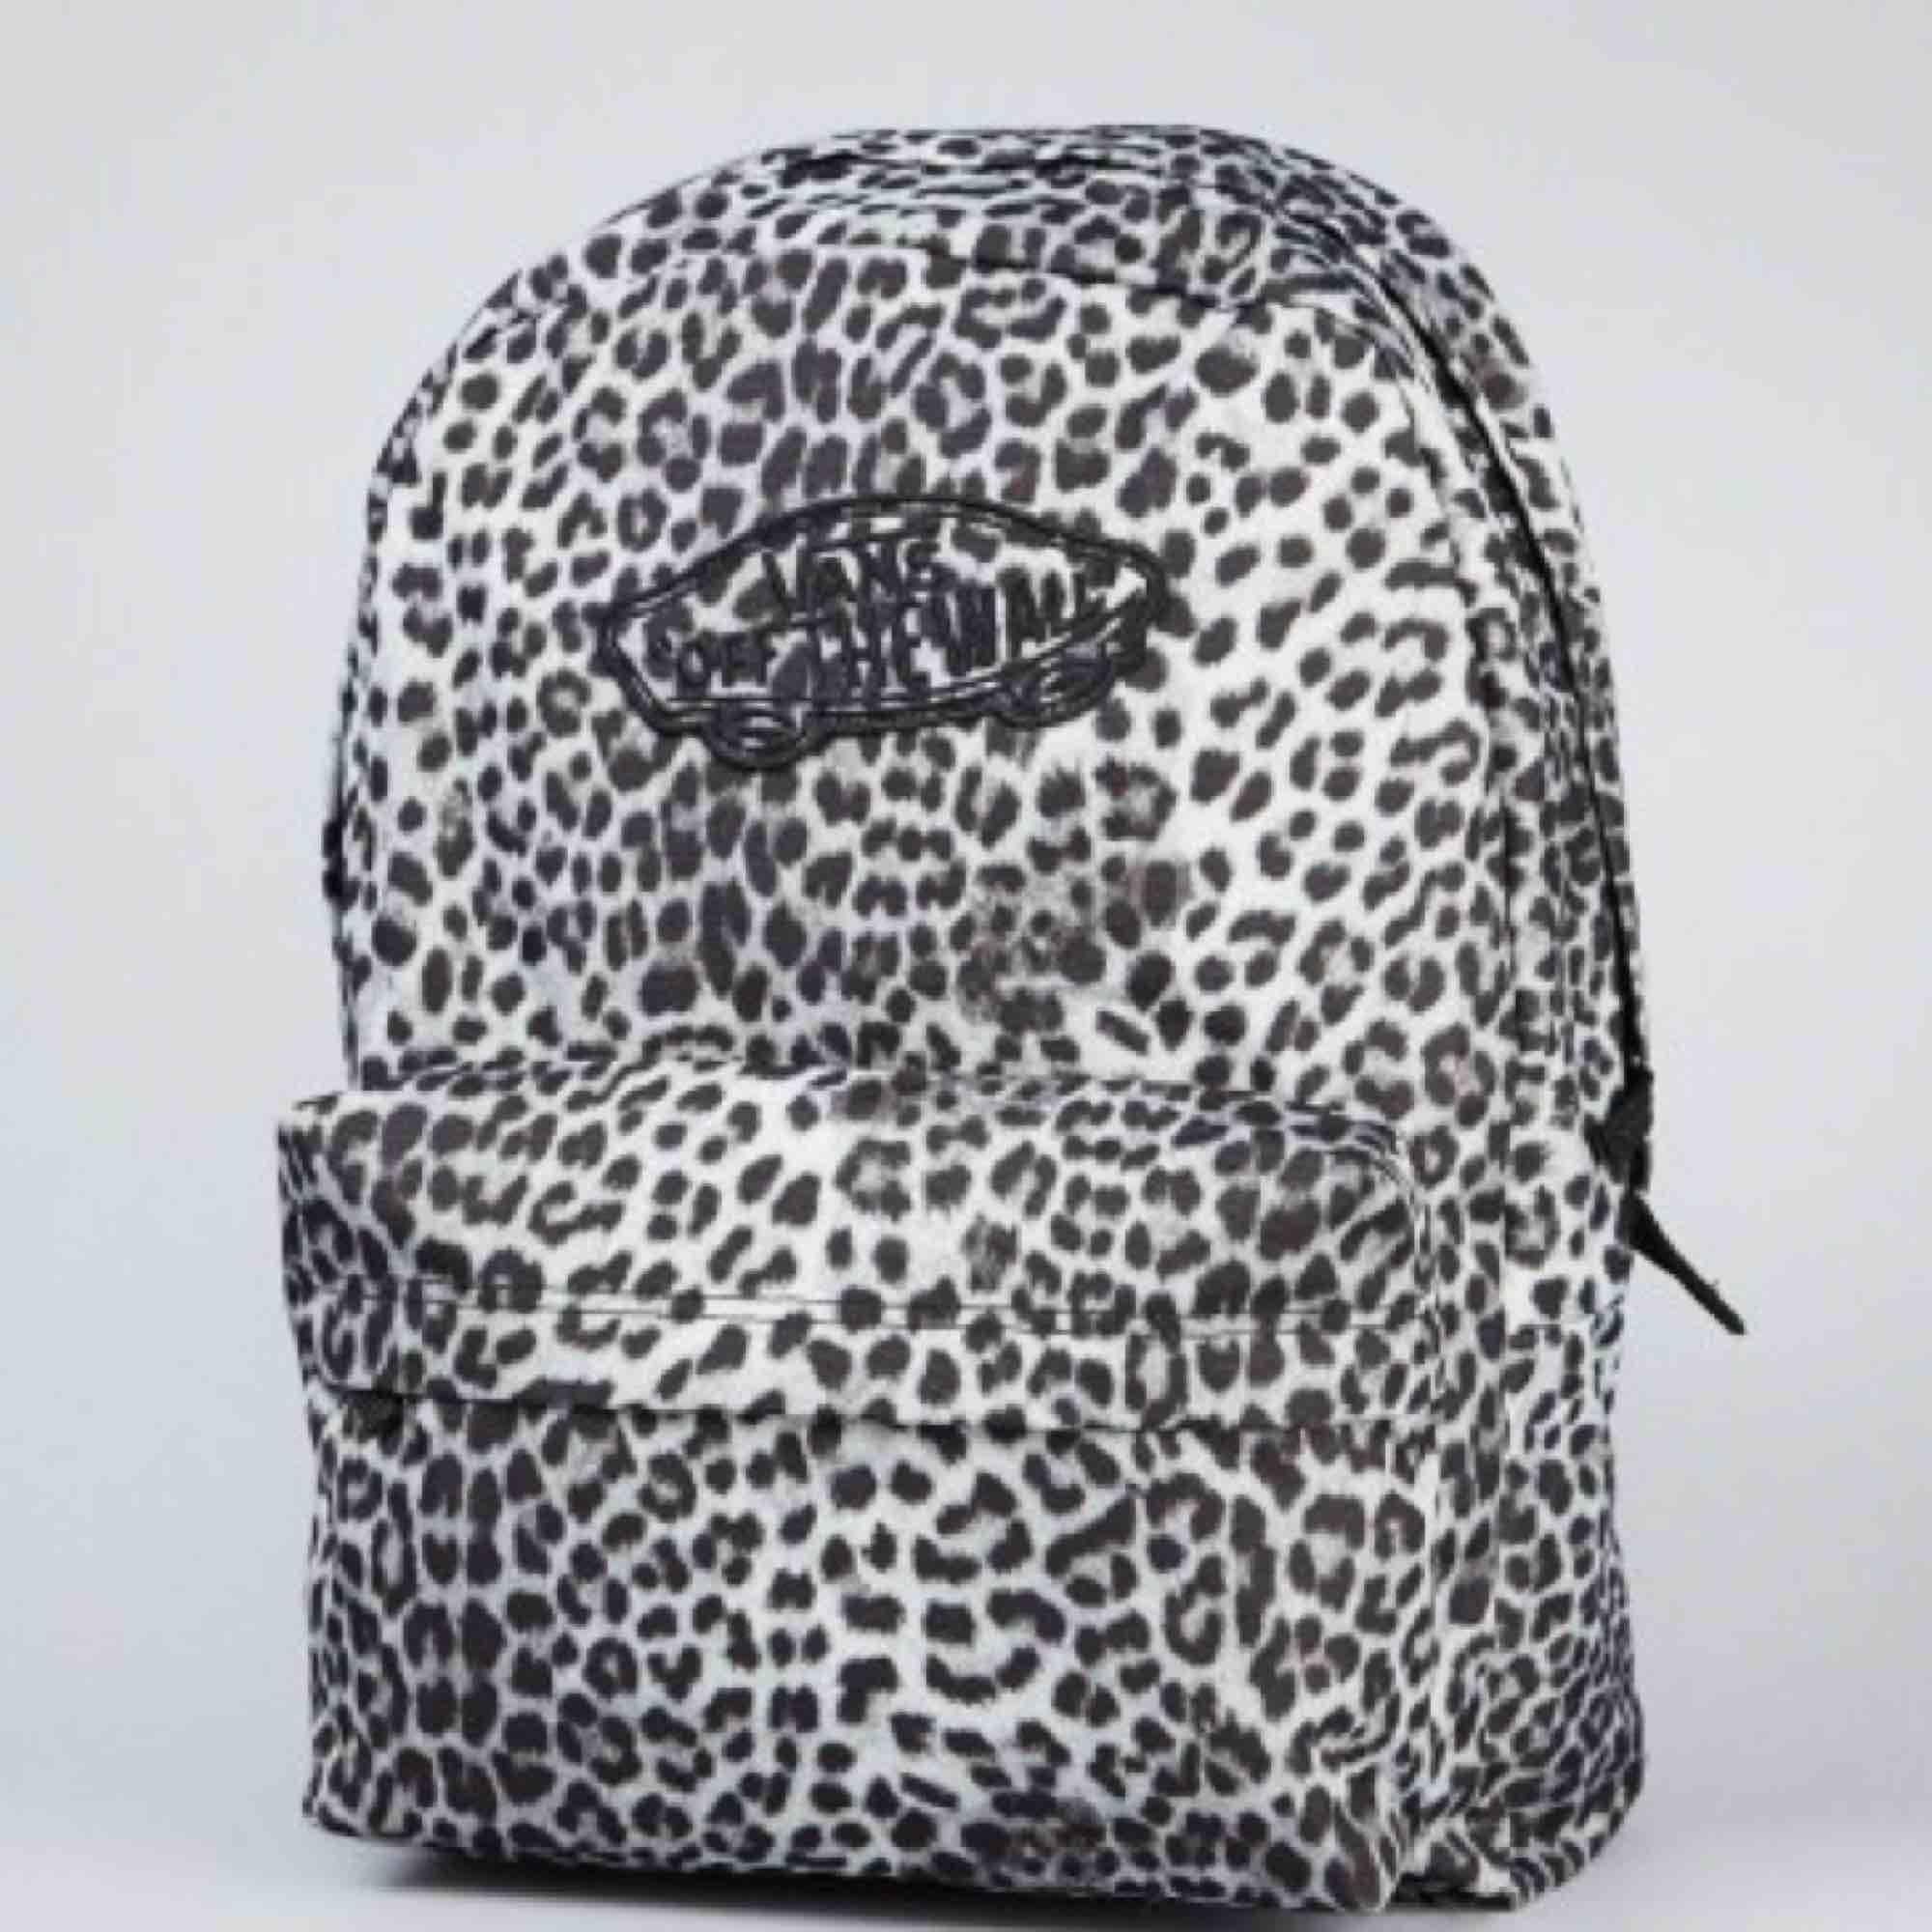 f3ad1fb2d26 Superb taske fra varevogne. Forsendelsen er tilføjet. Oprindelig pris  omkring 300-400 SEK ...